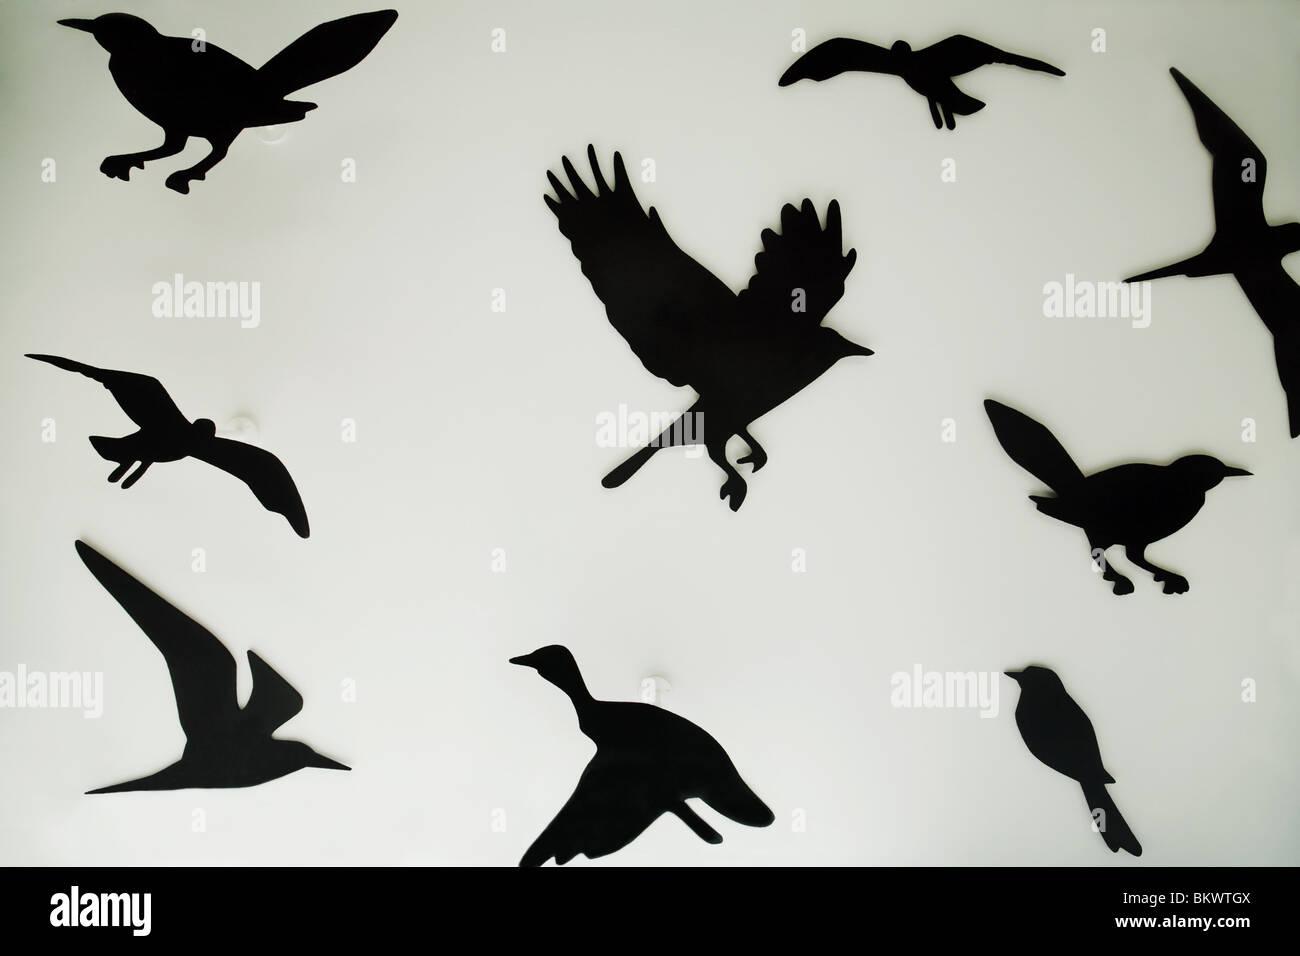 Silhouetten der Vögel in einem Schaufenster anzeigen, Regent Street, London UK Stockbild